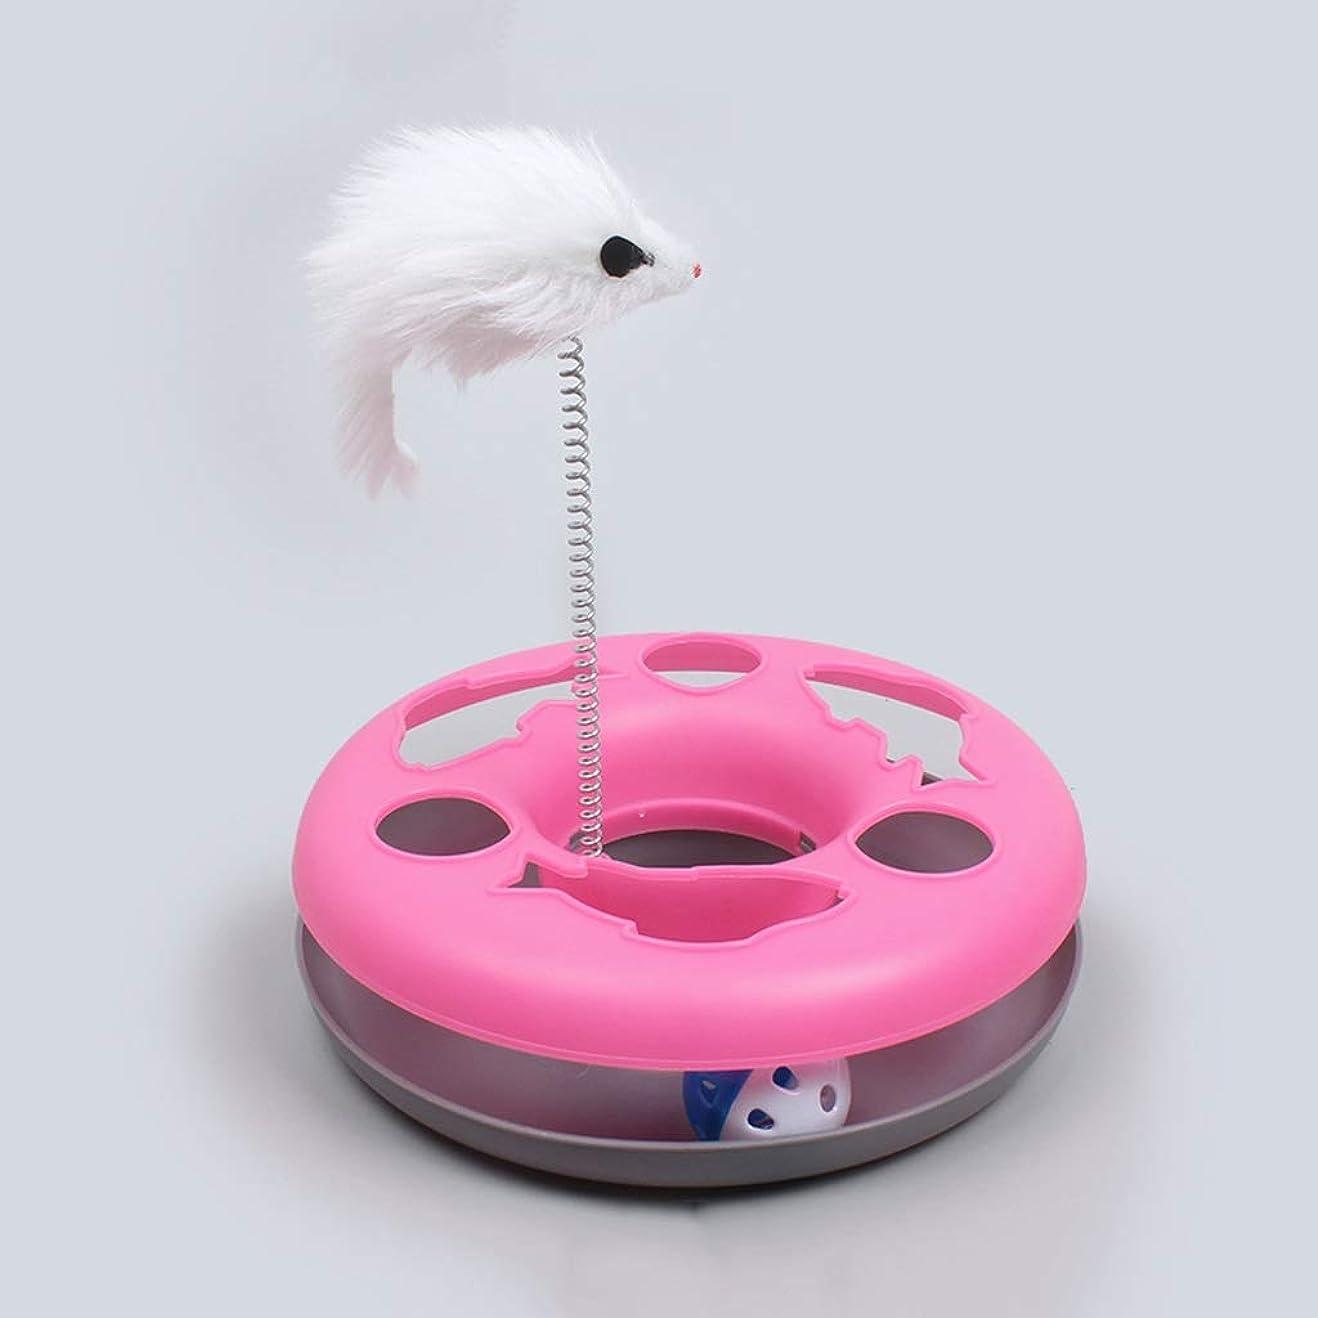 櫛バーガー詩人LYYRB 猫のおもちゃのカルーセル、キティのペット用品、猫のおもちゃのボール ペットボール (Color : Pink)